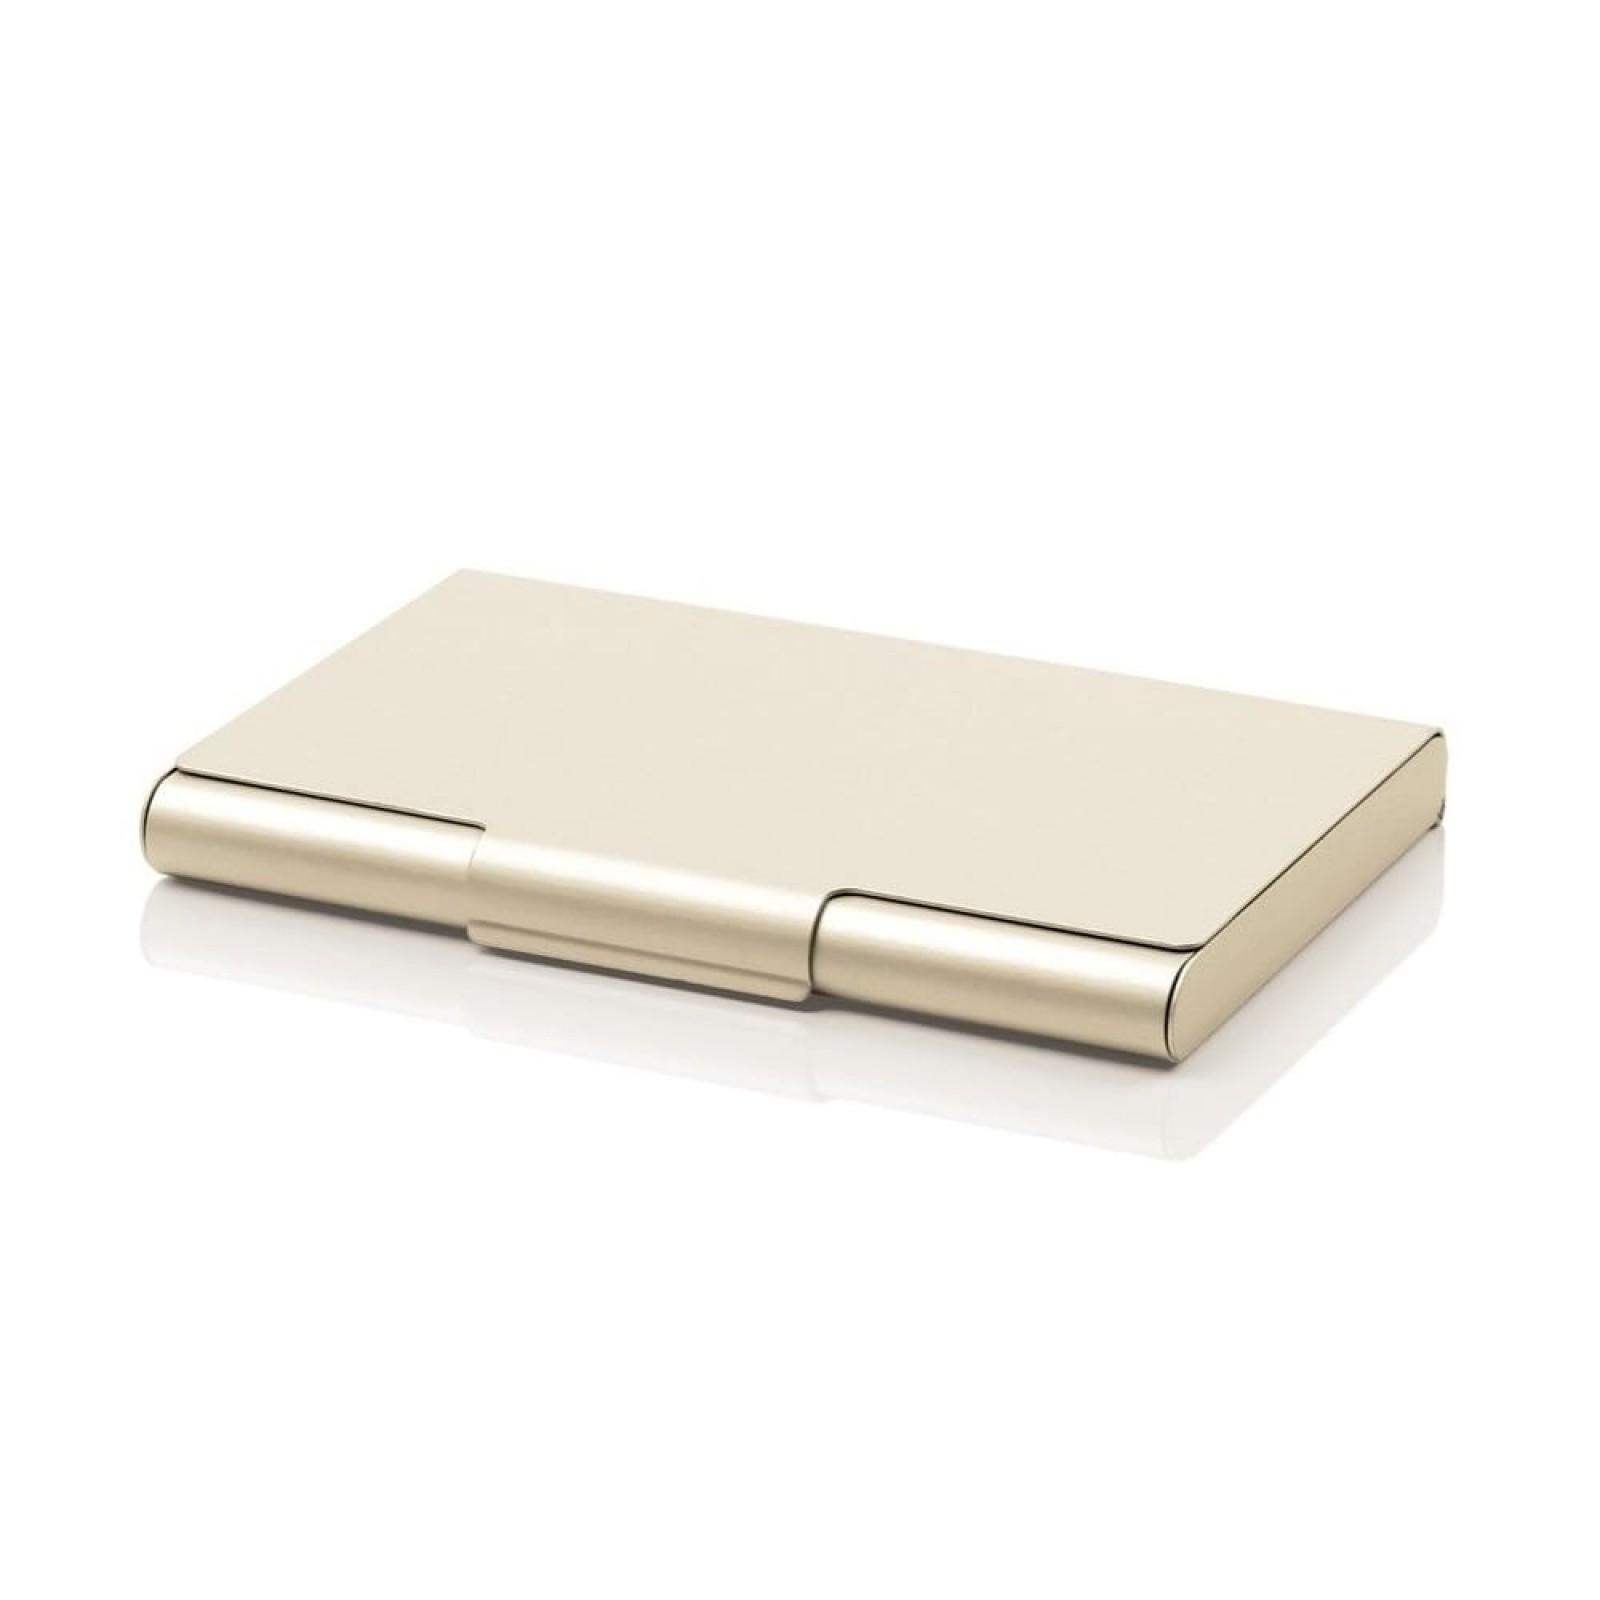 Θήκη για 20 Επαγγελματικές Κάρτες (Χρυσό) - LEXON